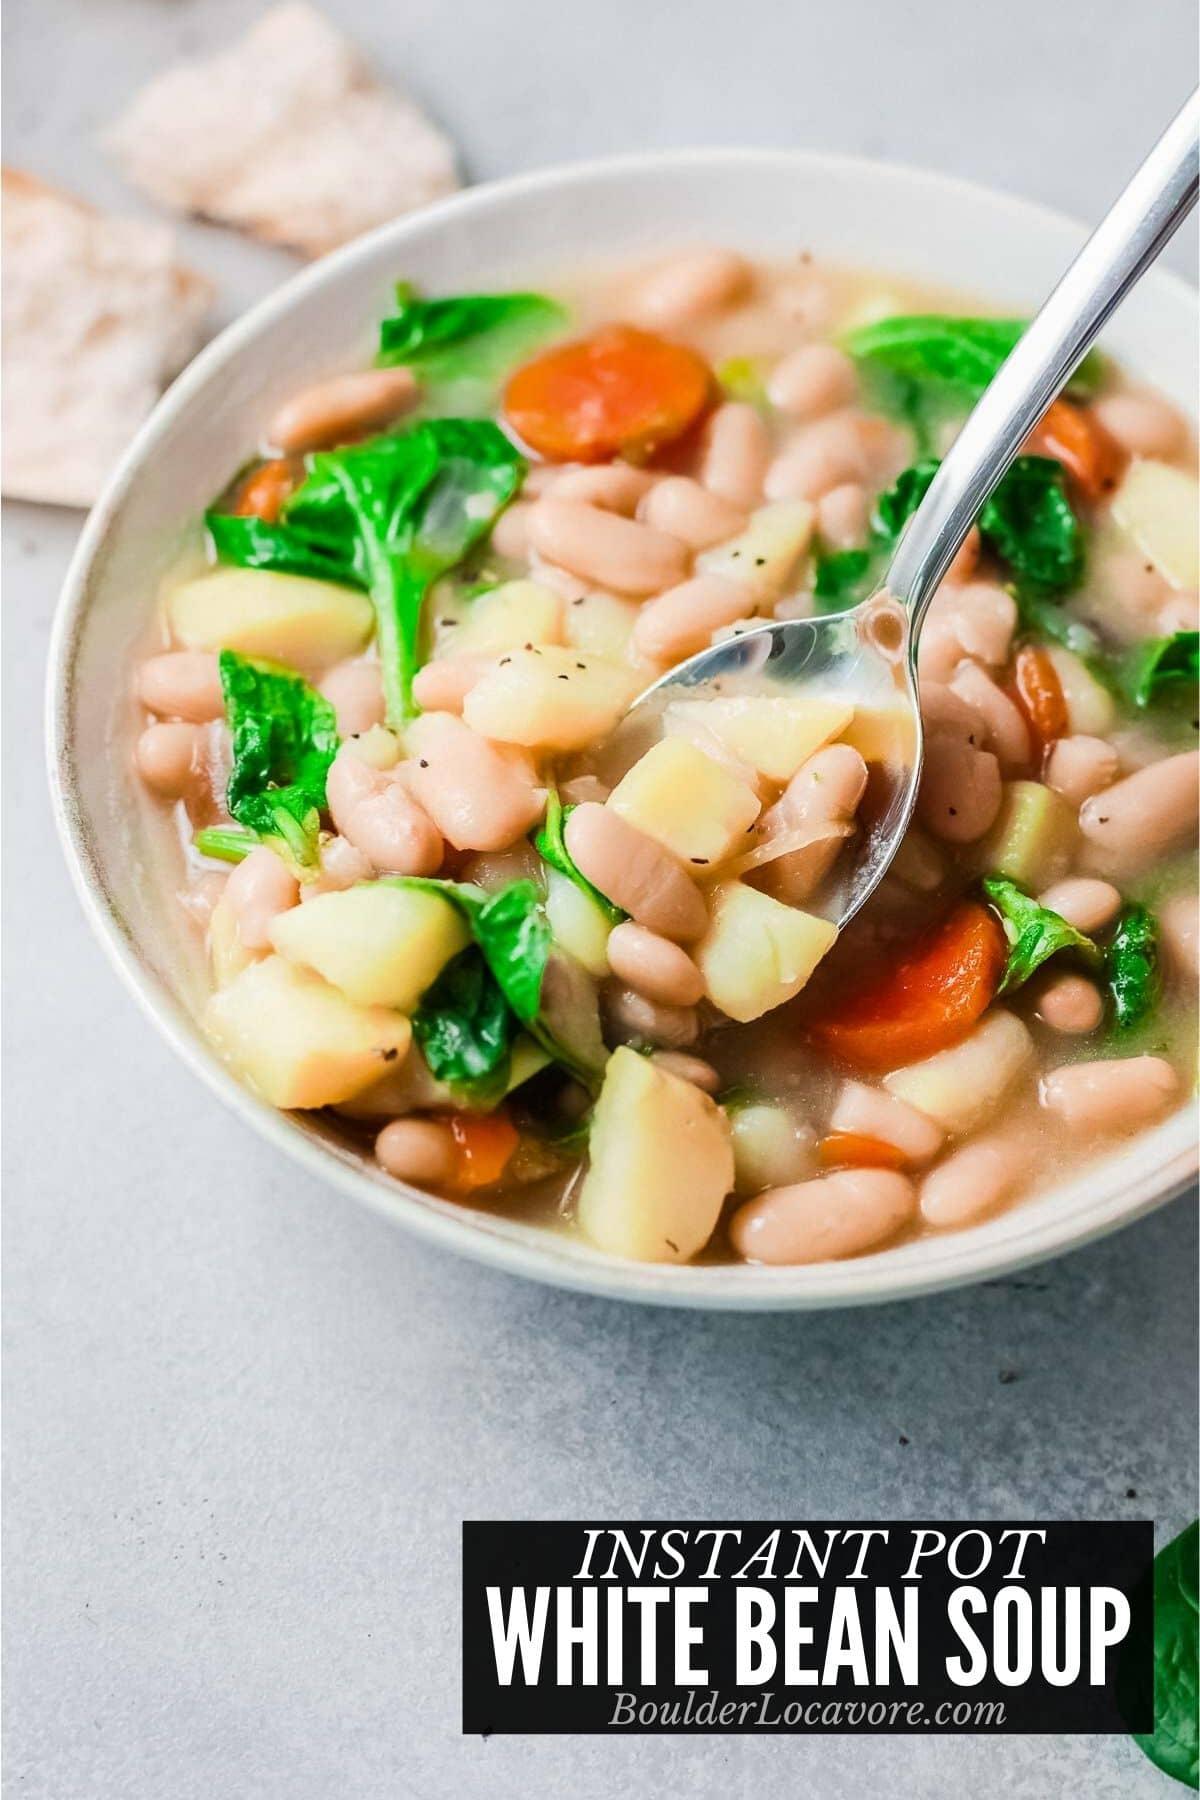 White Bean Soup title image